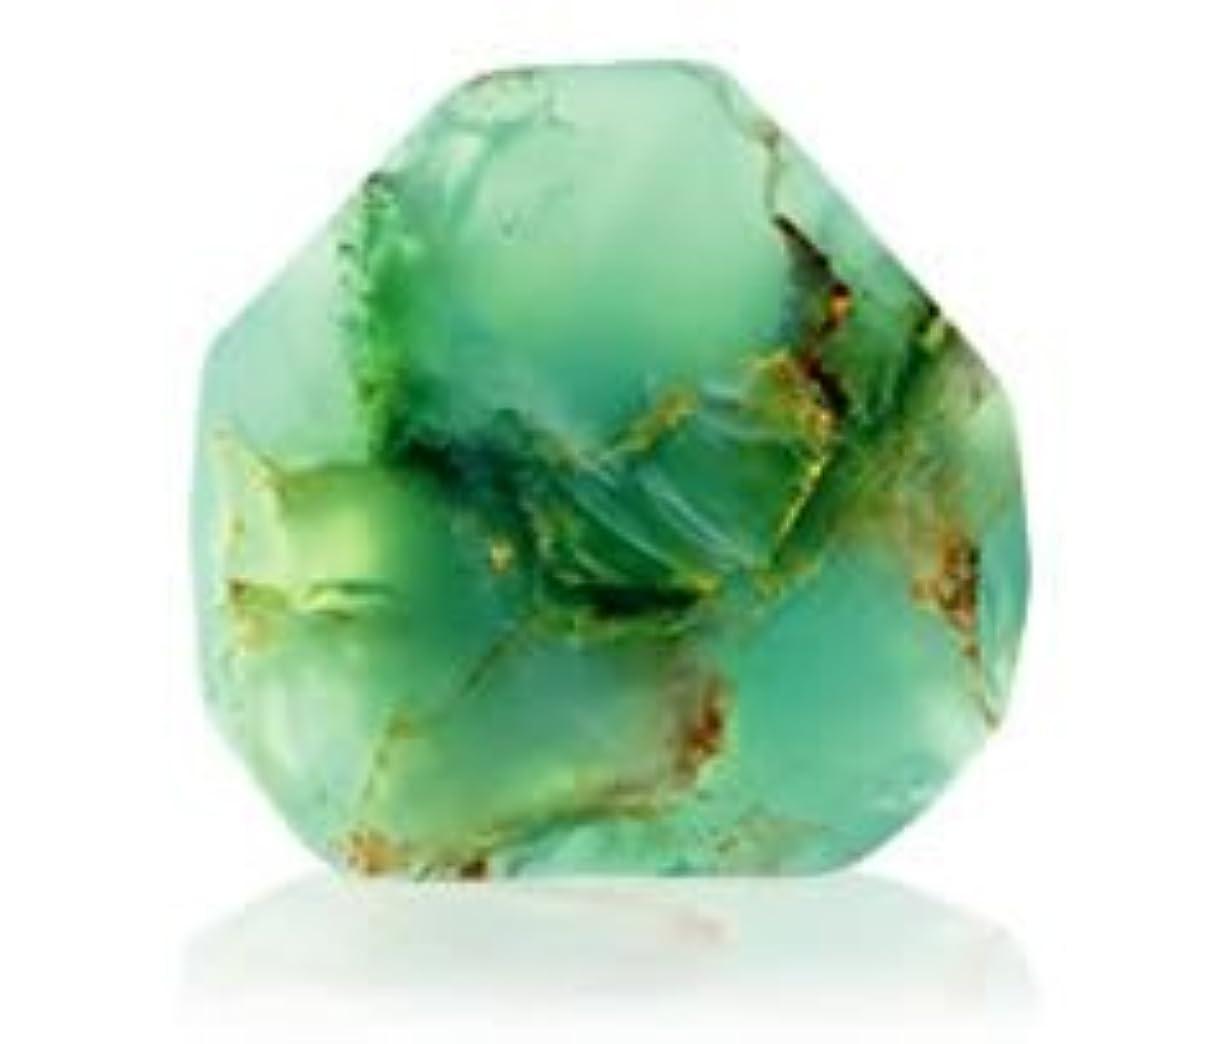 マーカー反毒フィードSavons Gemme サボンジェム 世界で一番美しい宝石石鹸 フレグランスソープ ジェイド 170g